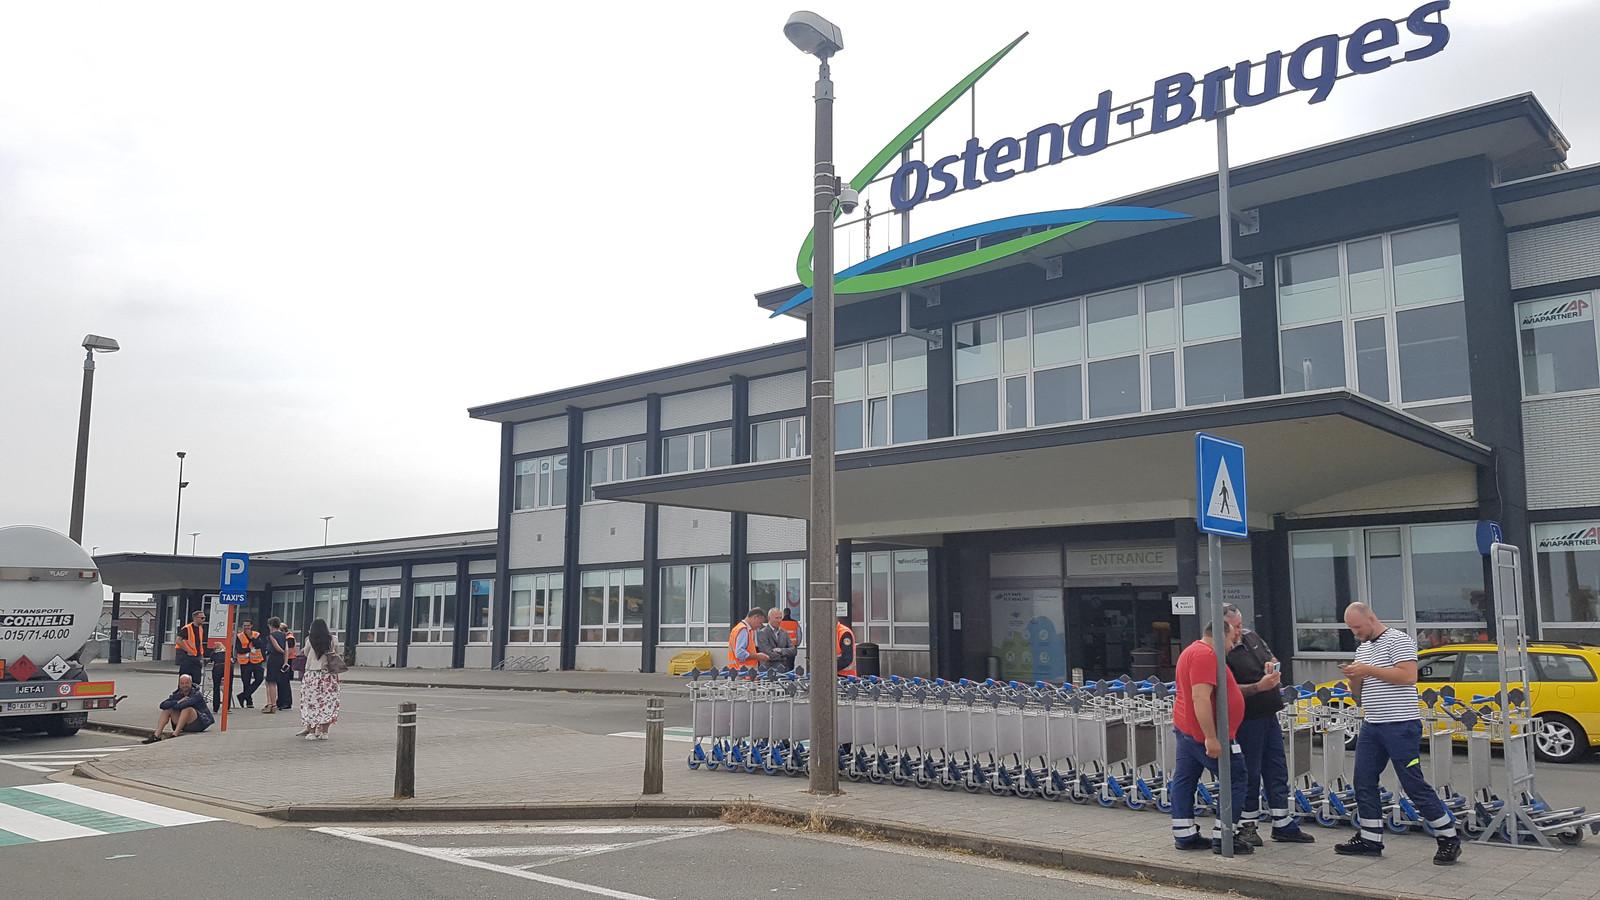 Het personeel van de Oostendse luchthaven moet buiten postvatten. Twee van de drie gebouwen zijn ontruimd wegens de ontmanteling van een obus.